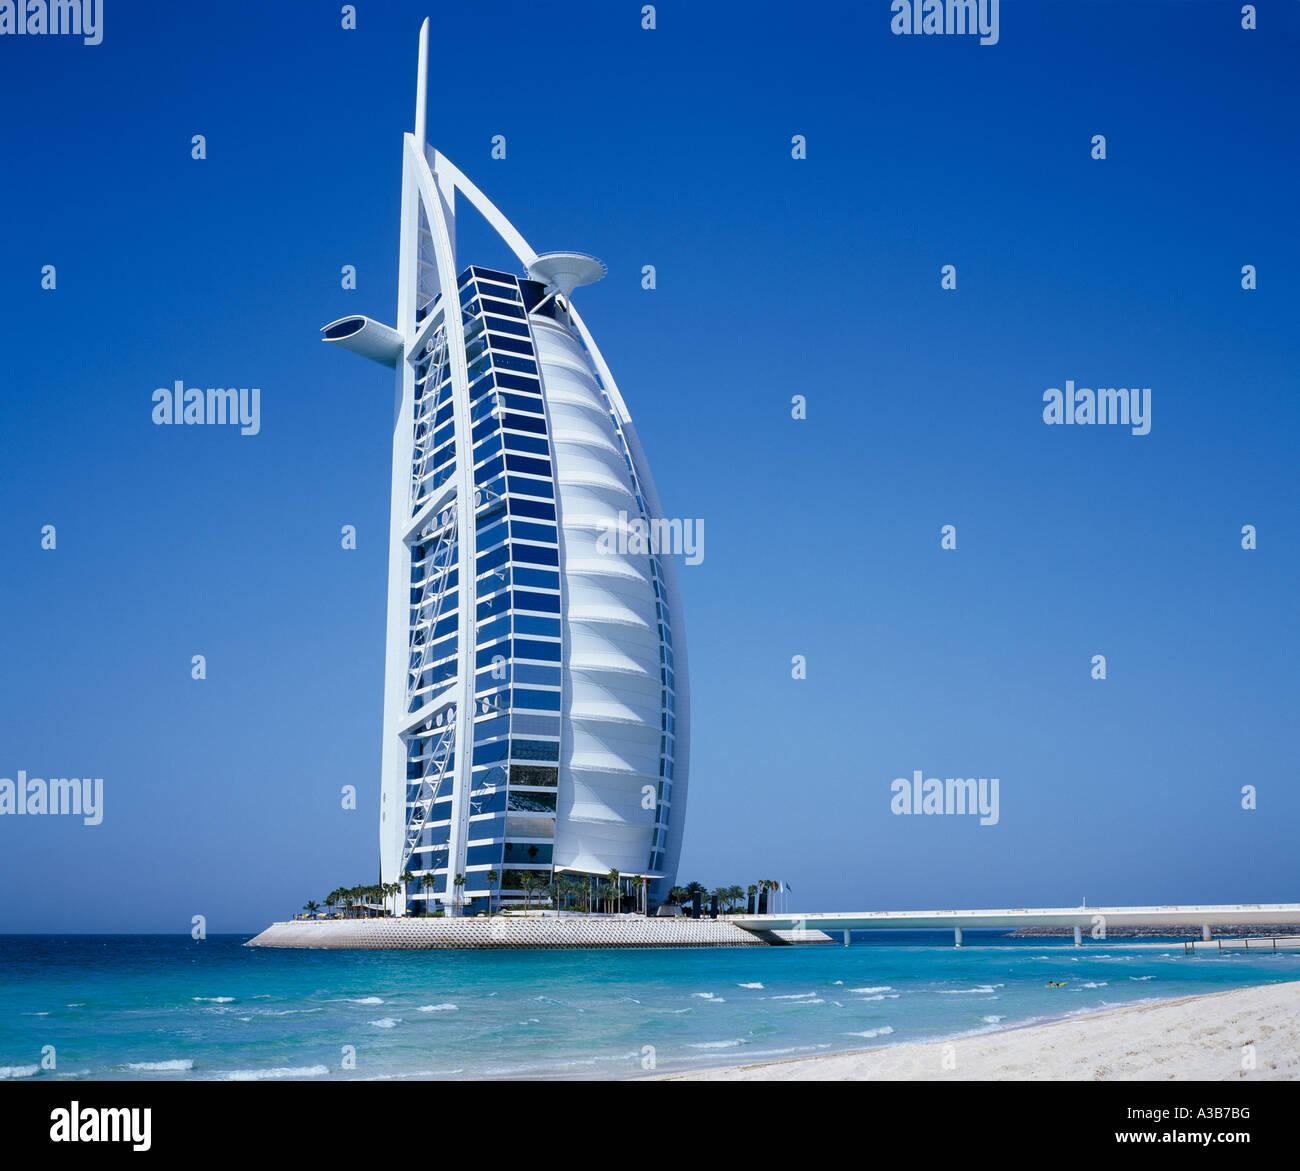 6 звезд отель дубай квартиры в дубае смотреть онлайн